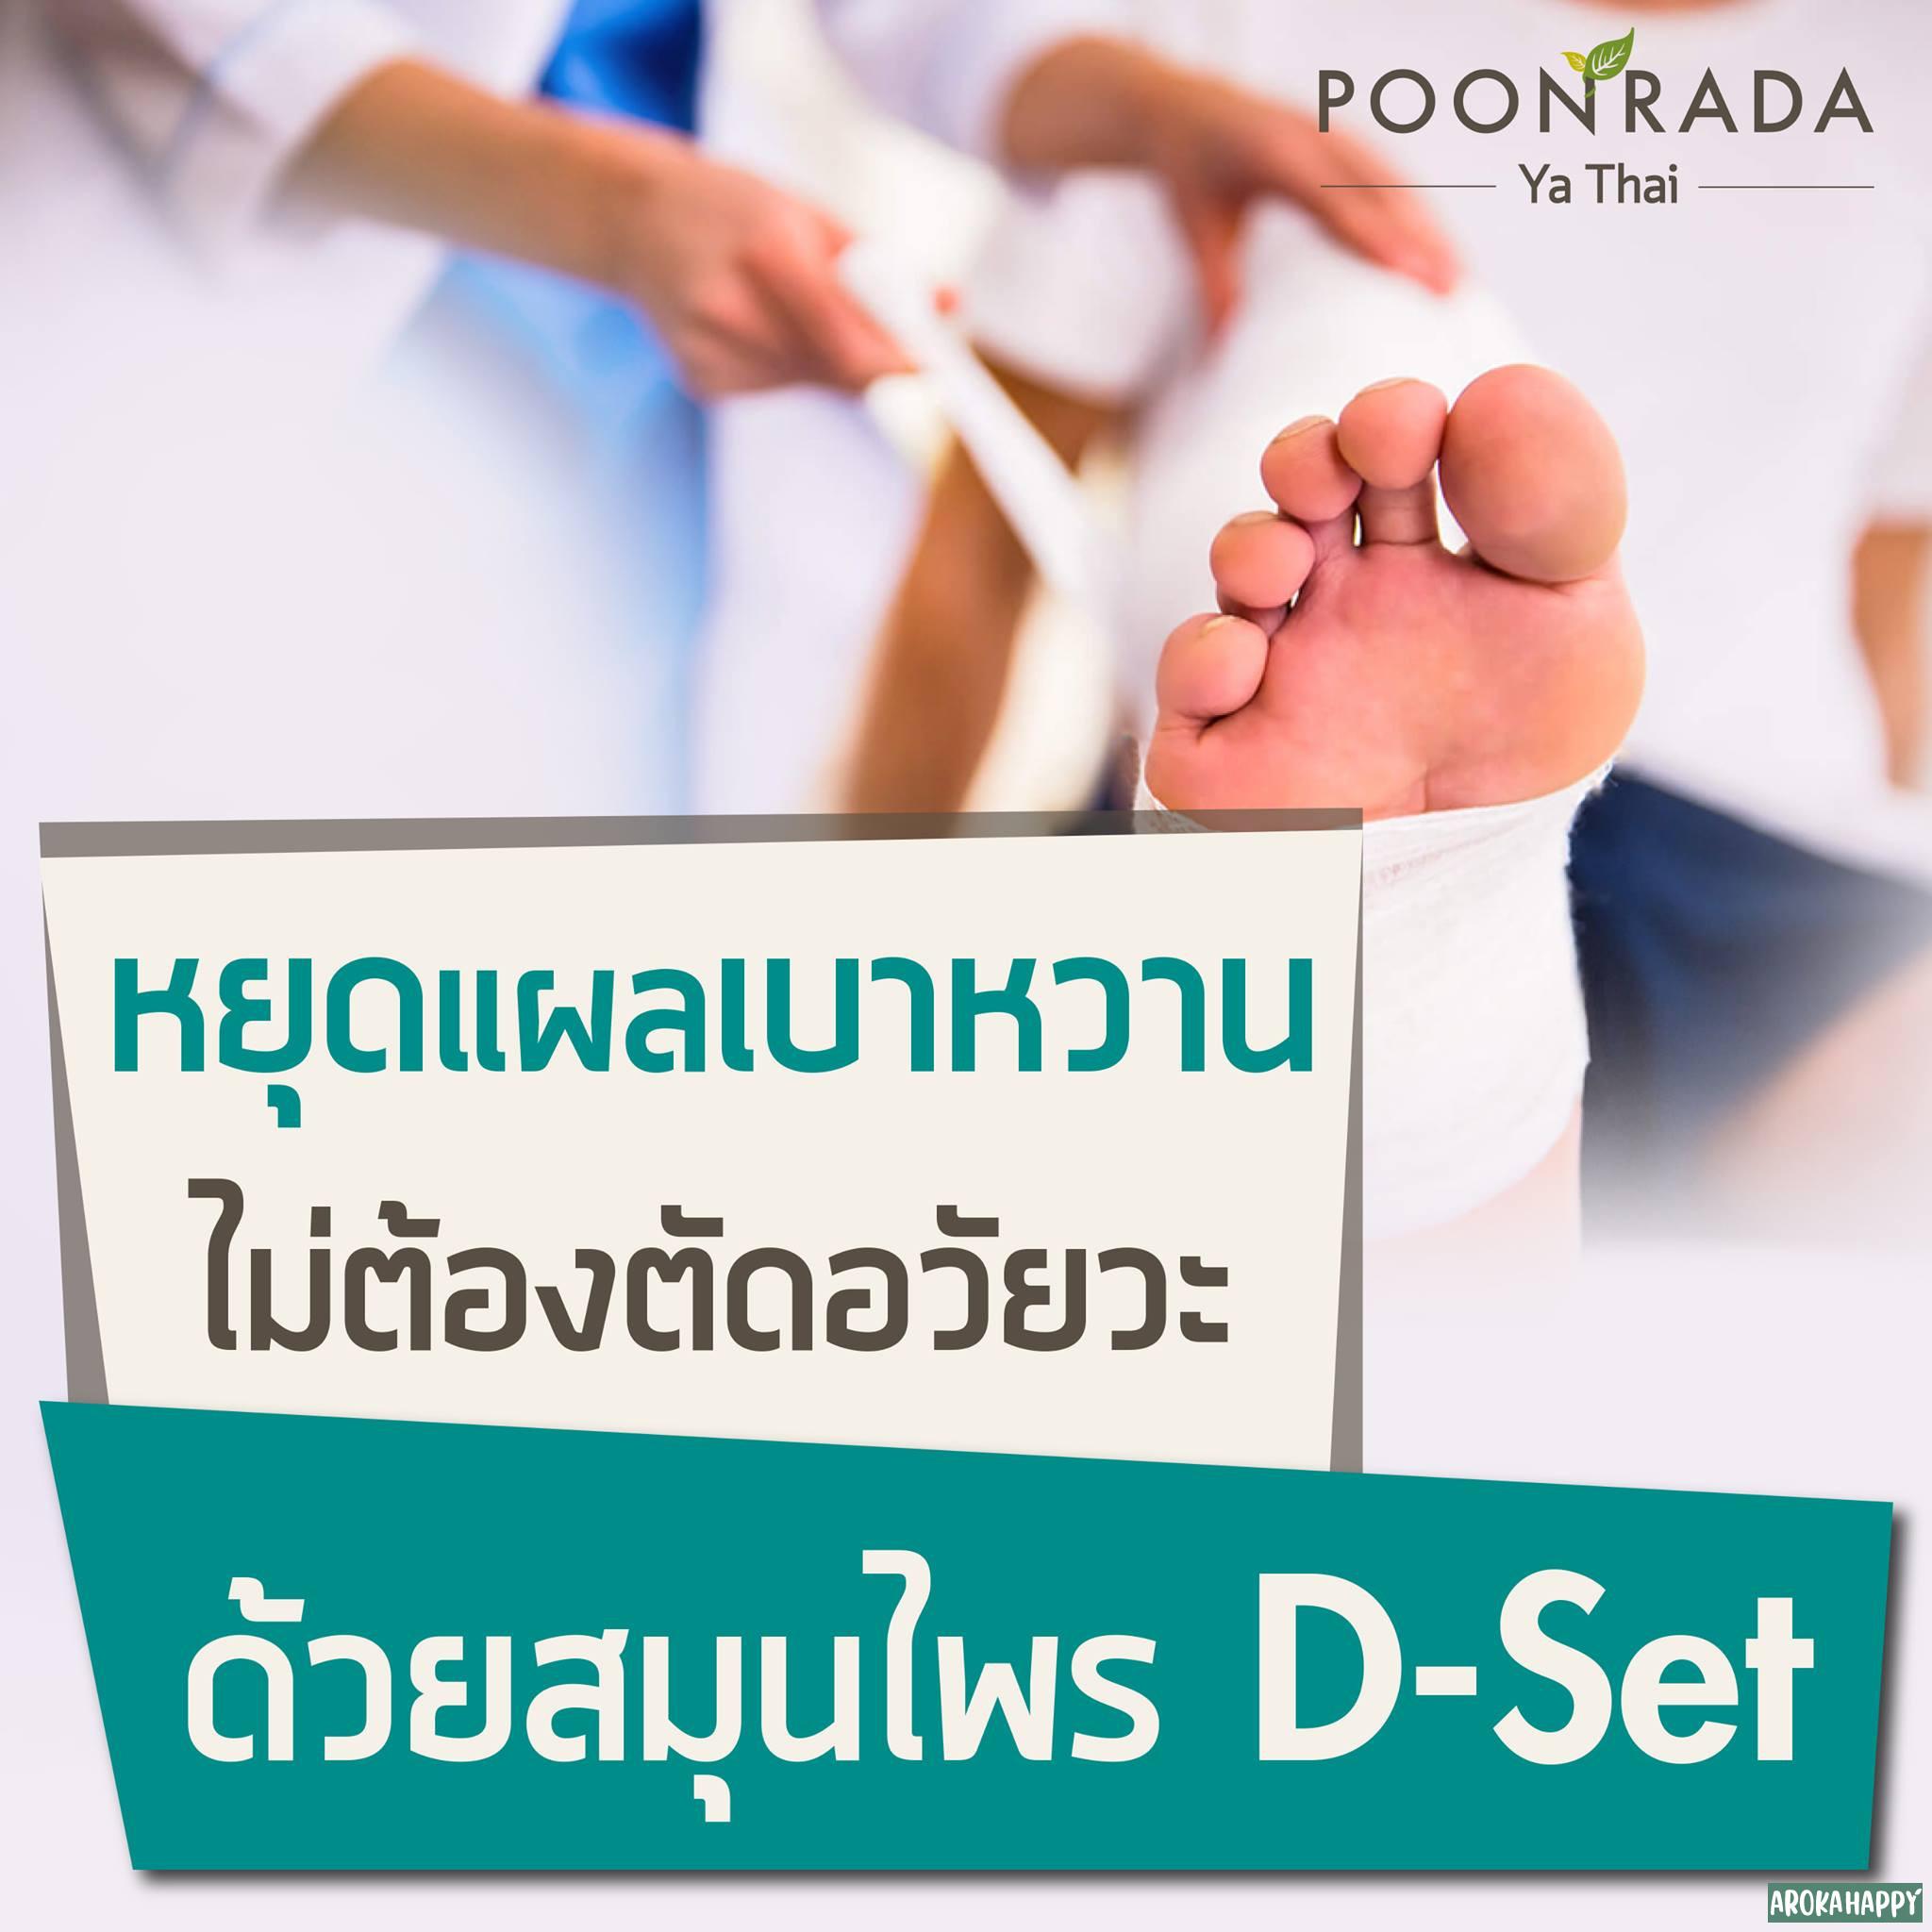 หยุดแผลเบาหวาน ไม่ต้องตัดอวัยวะ ด้วยสมุนไพร D-Set